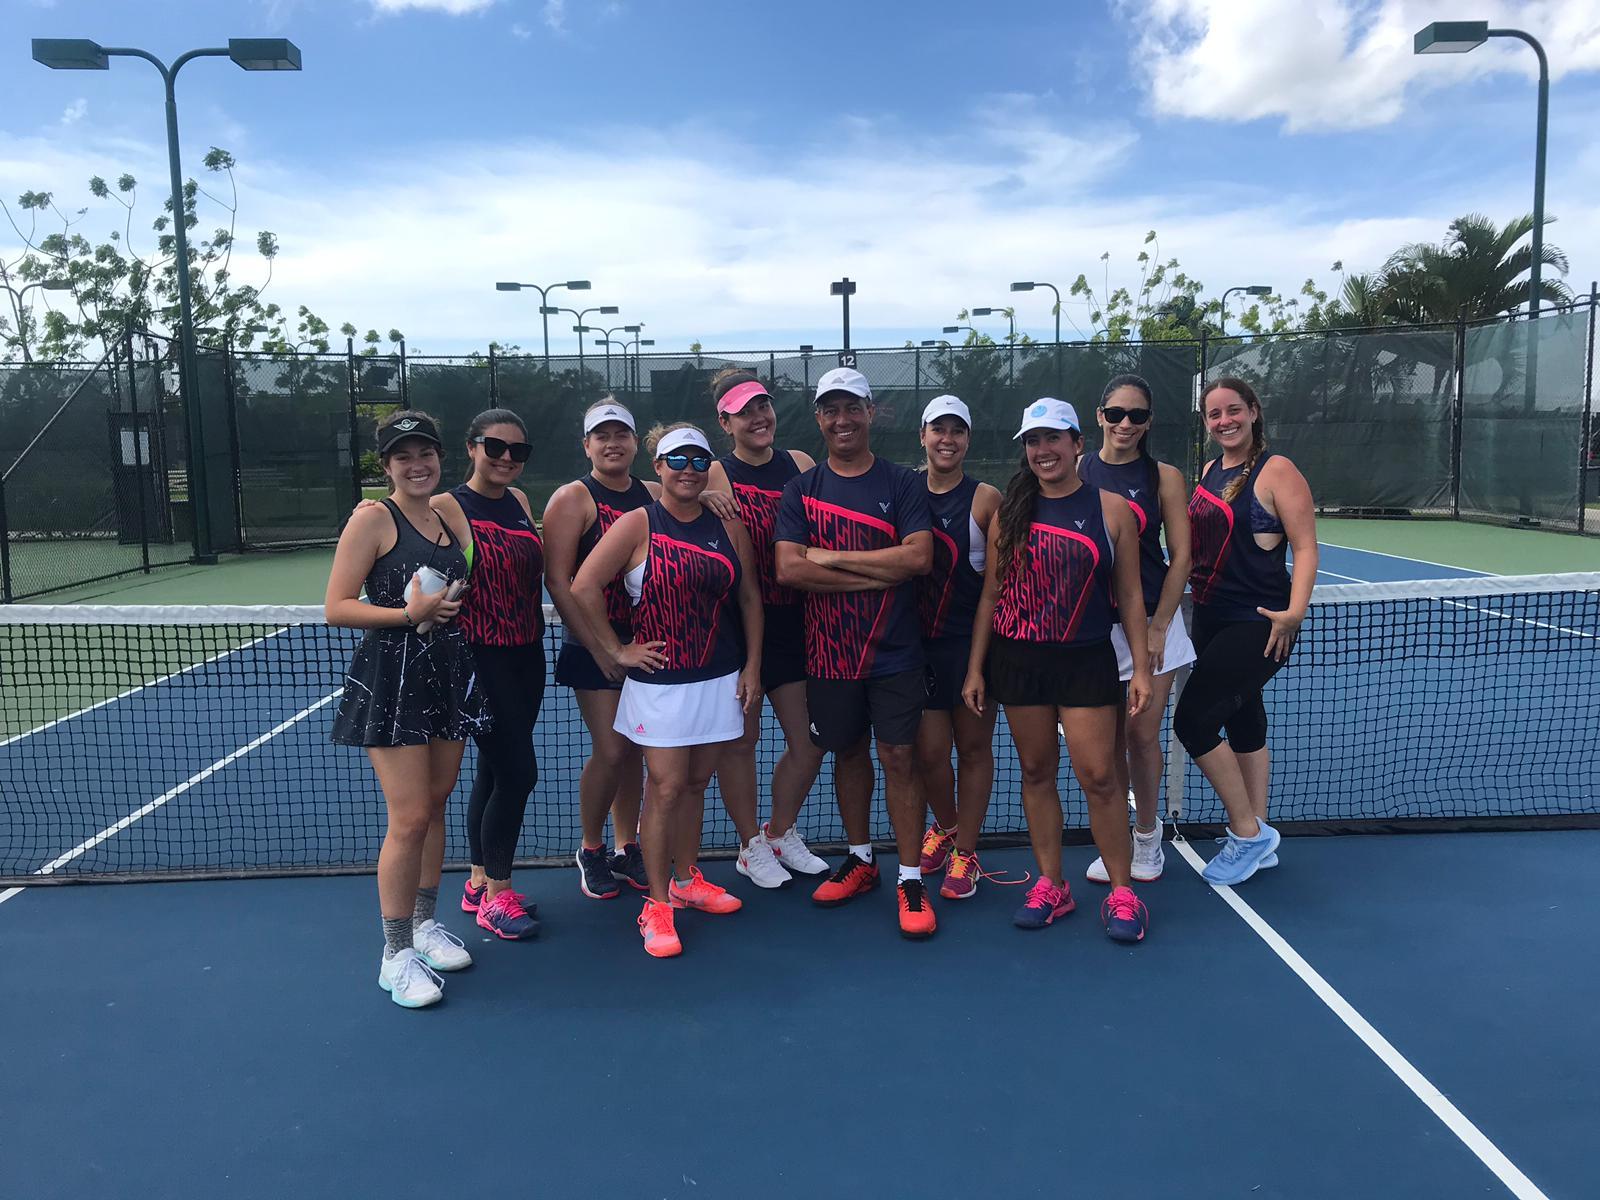 Equipo Centro de Tenis Honda 3.0 femenino